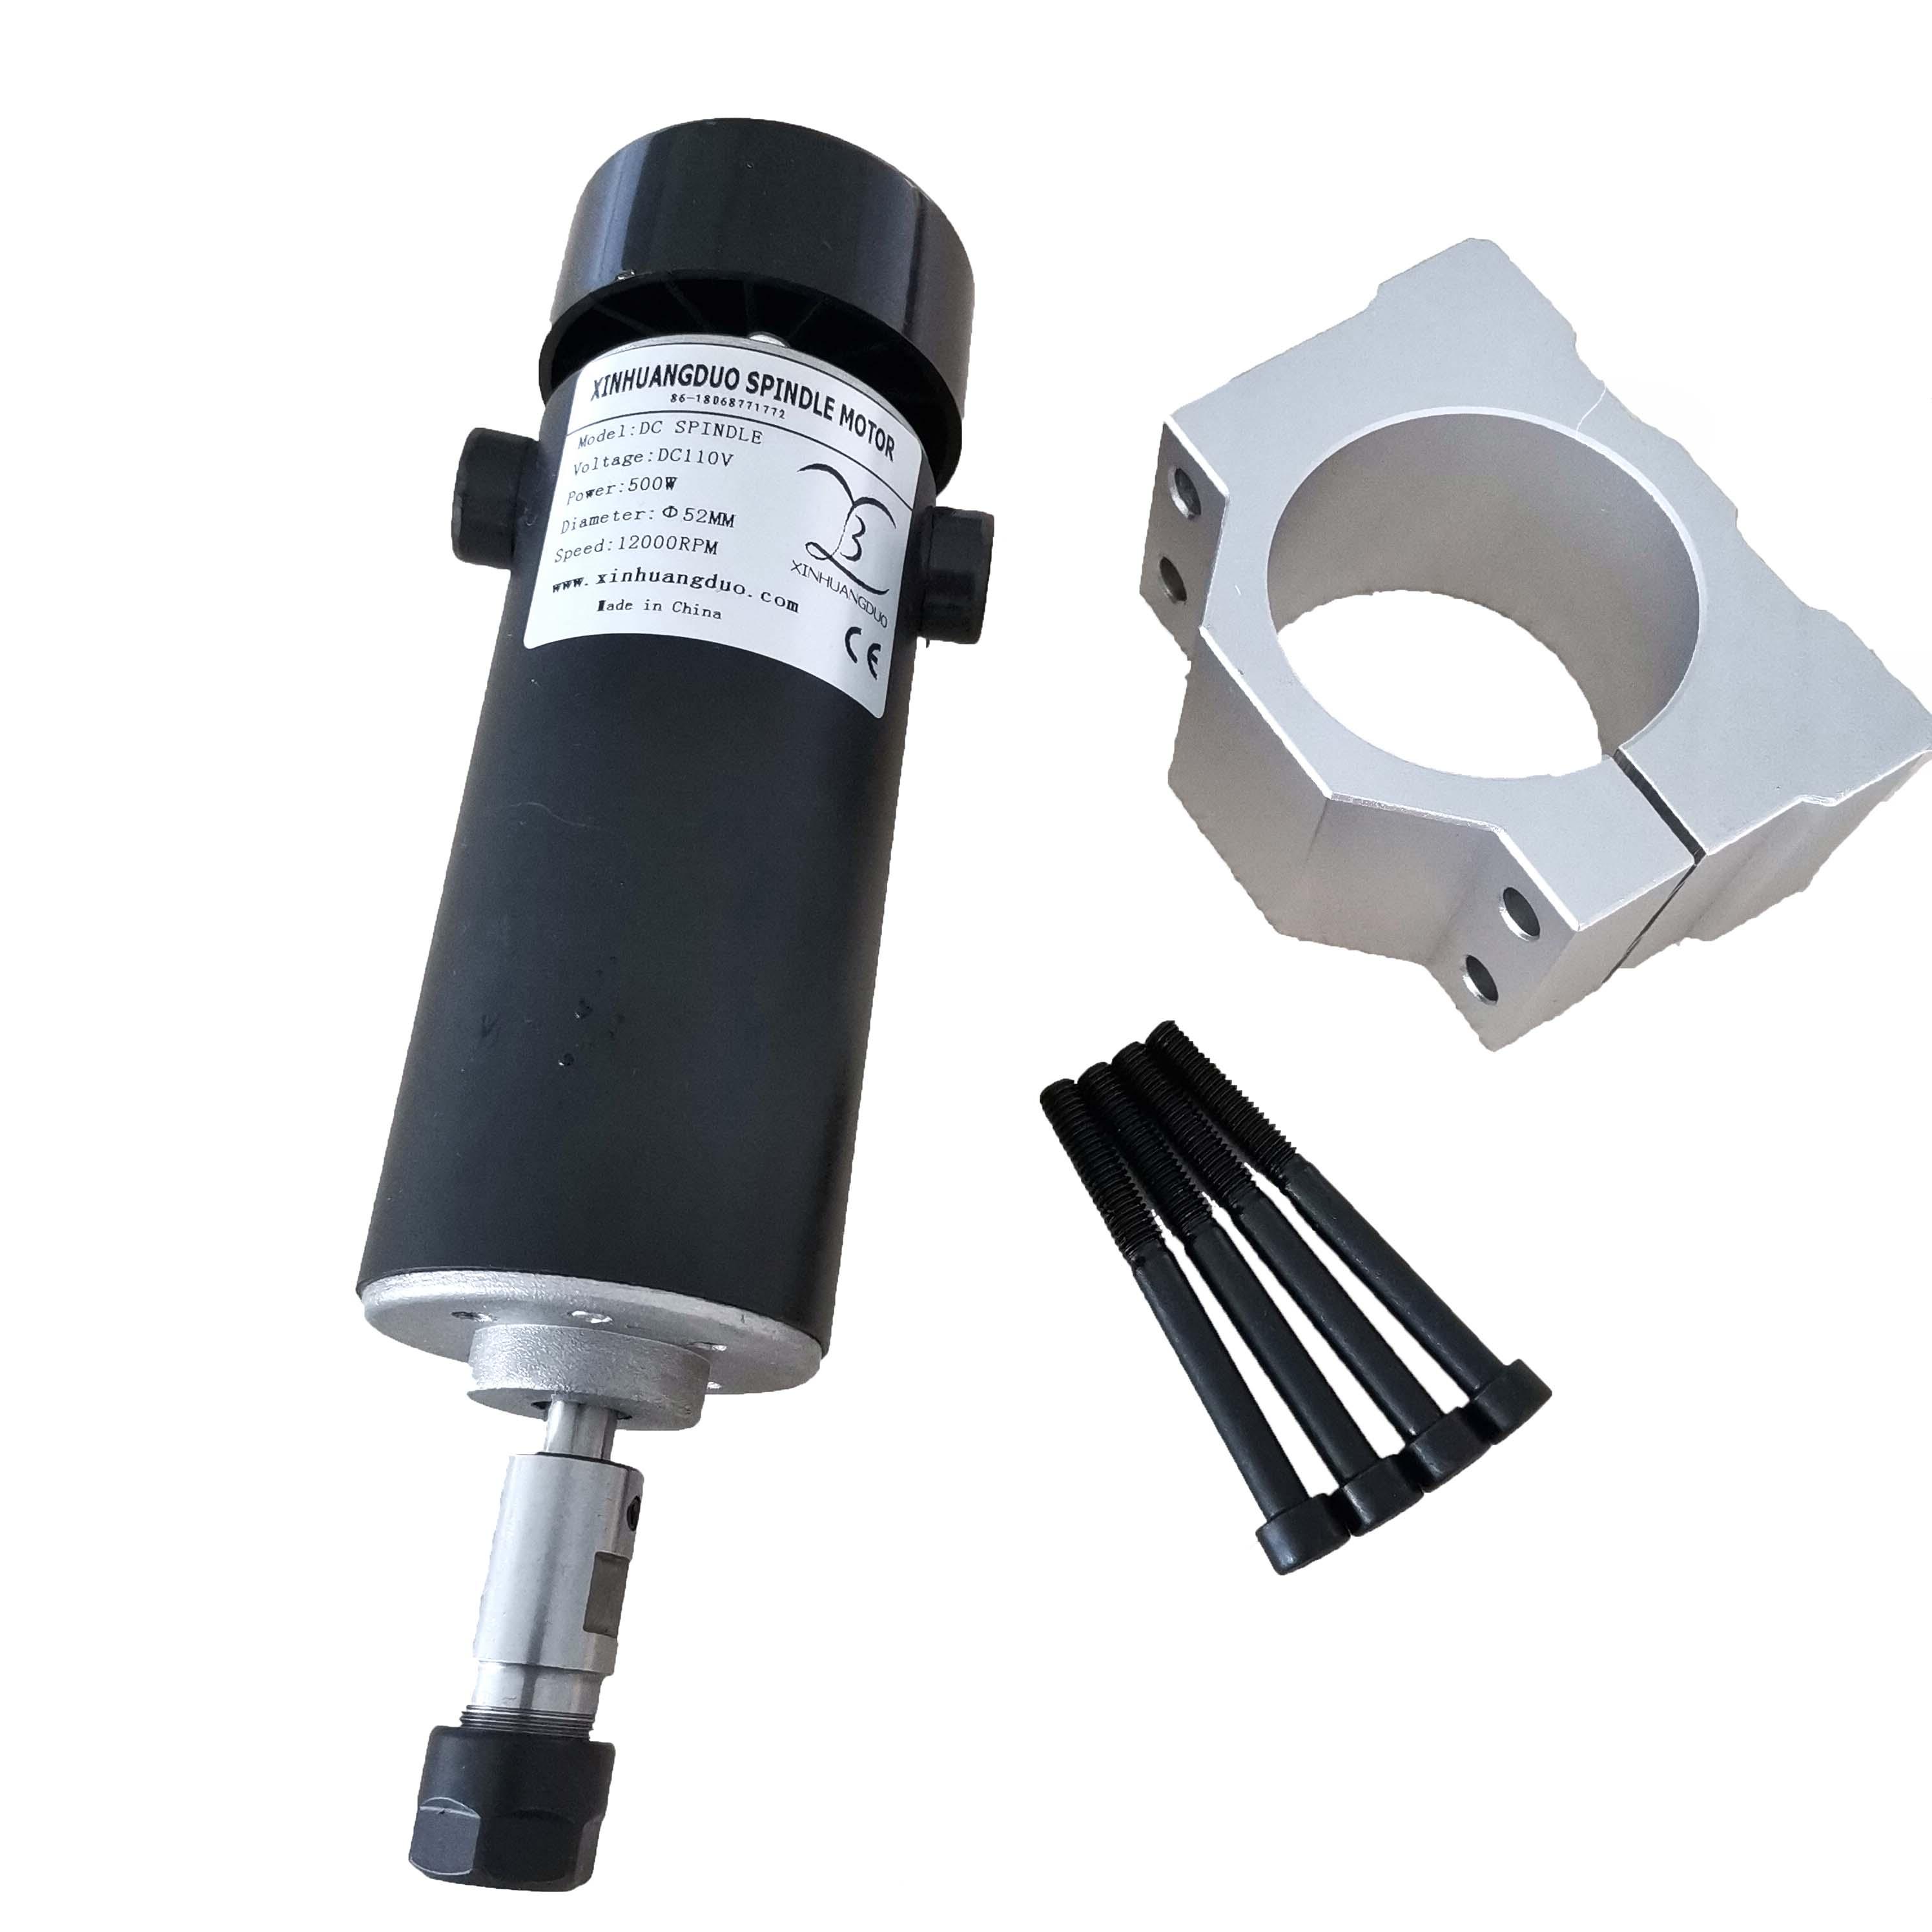 500 Вт Шпиндельный двигатель с воздушным охлаждением ER11/ER16 Цанга 52 мм диаметр 110 кВт постоянный ток в CNC резьба фрезерование воздуха холодный ...